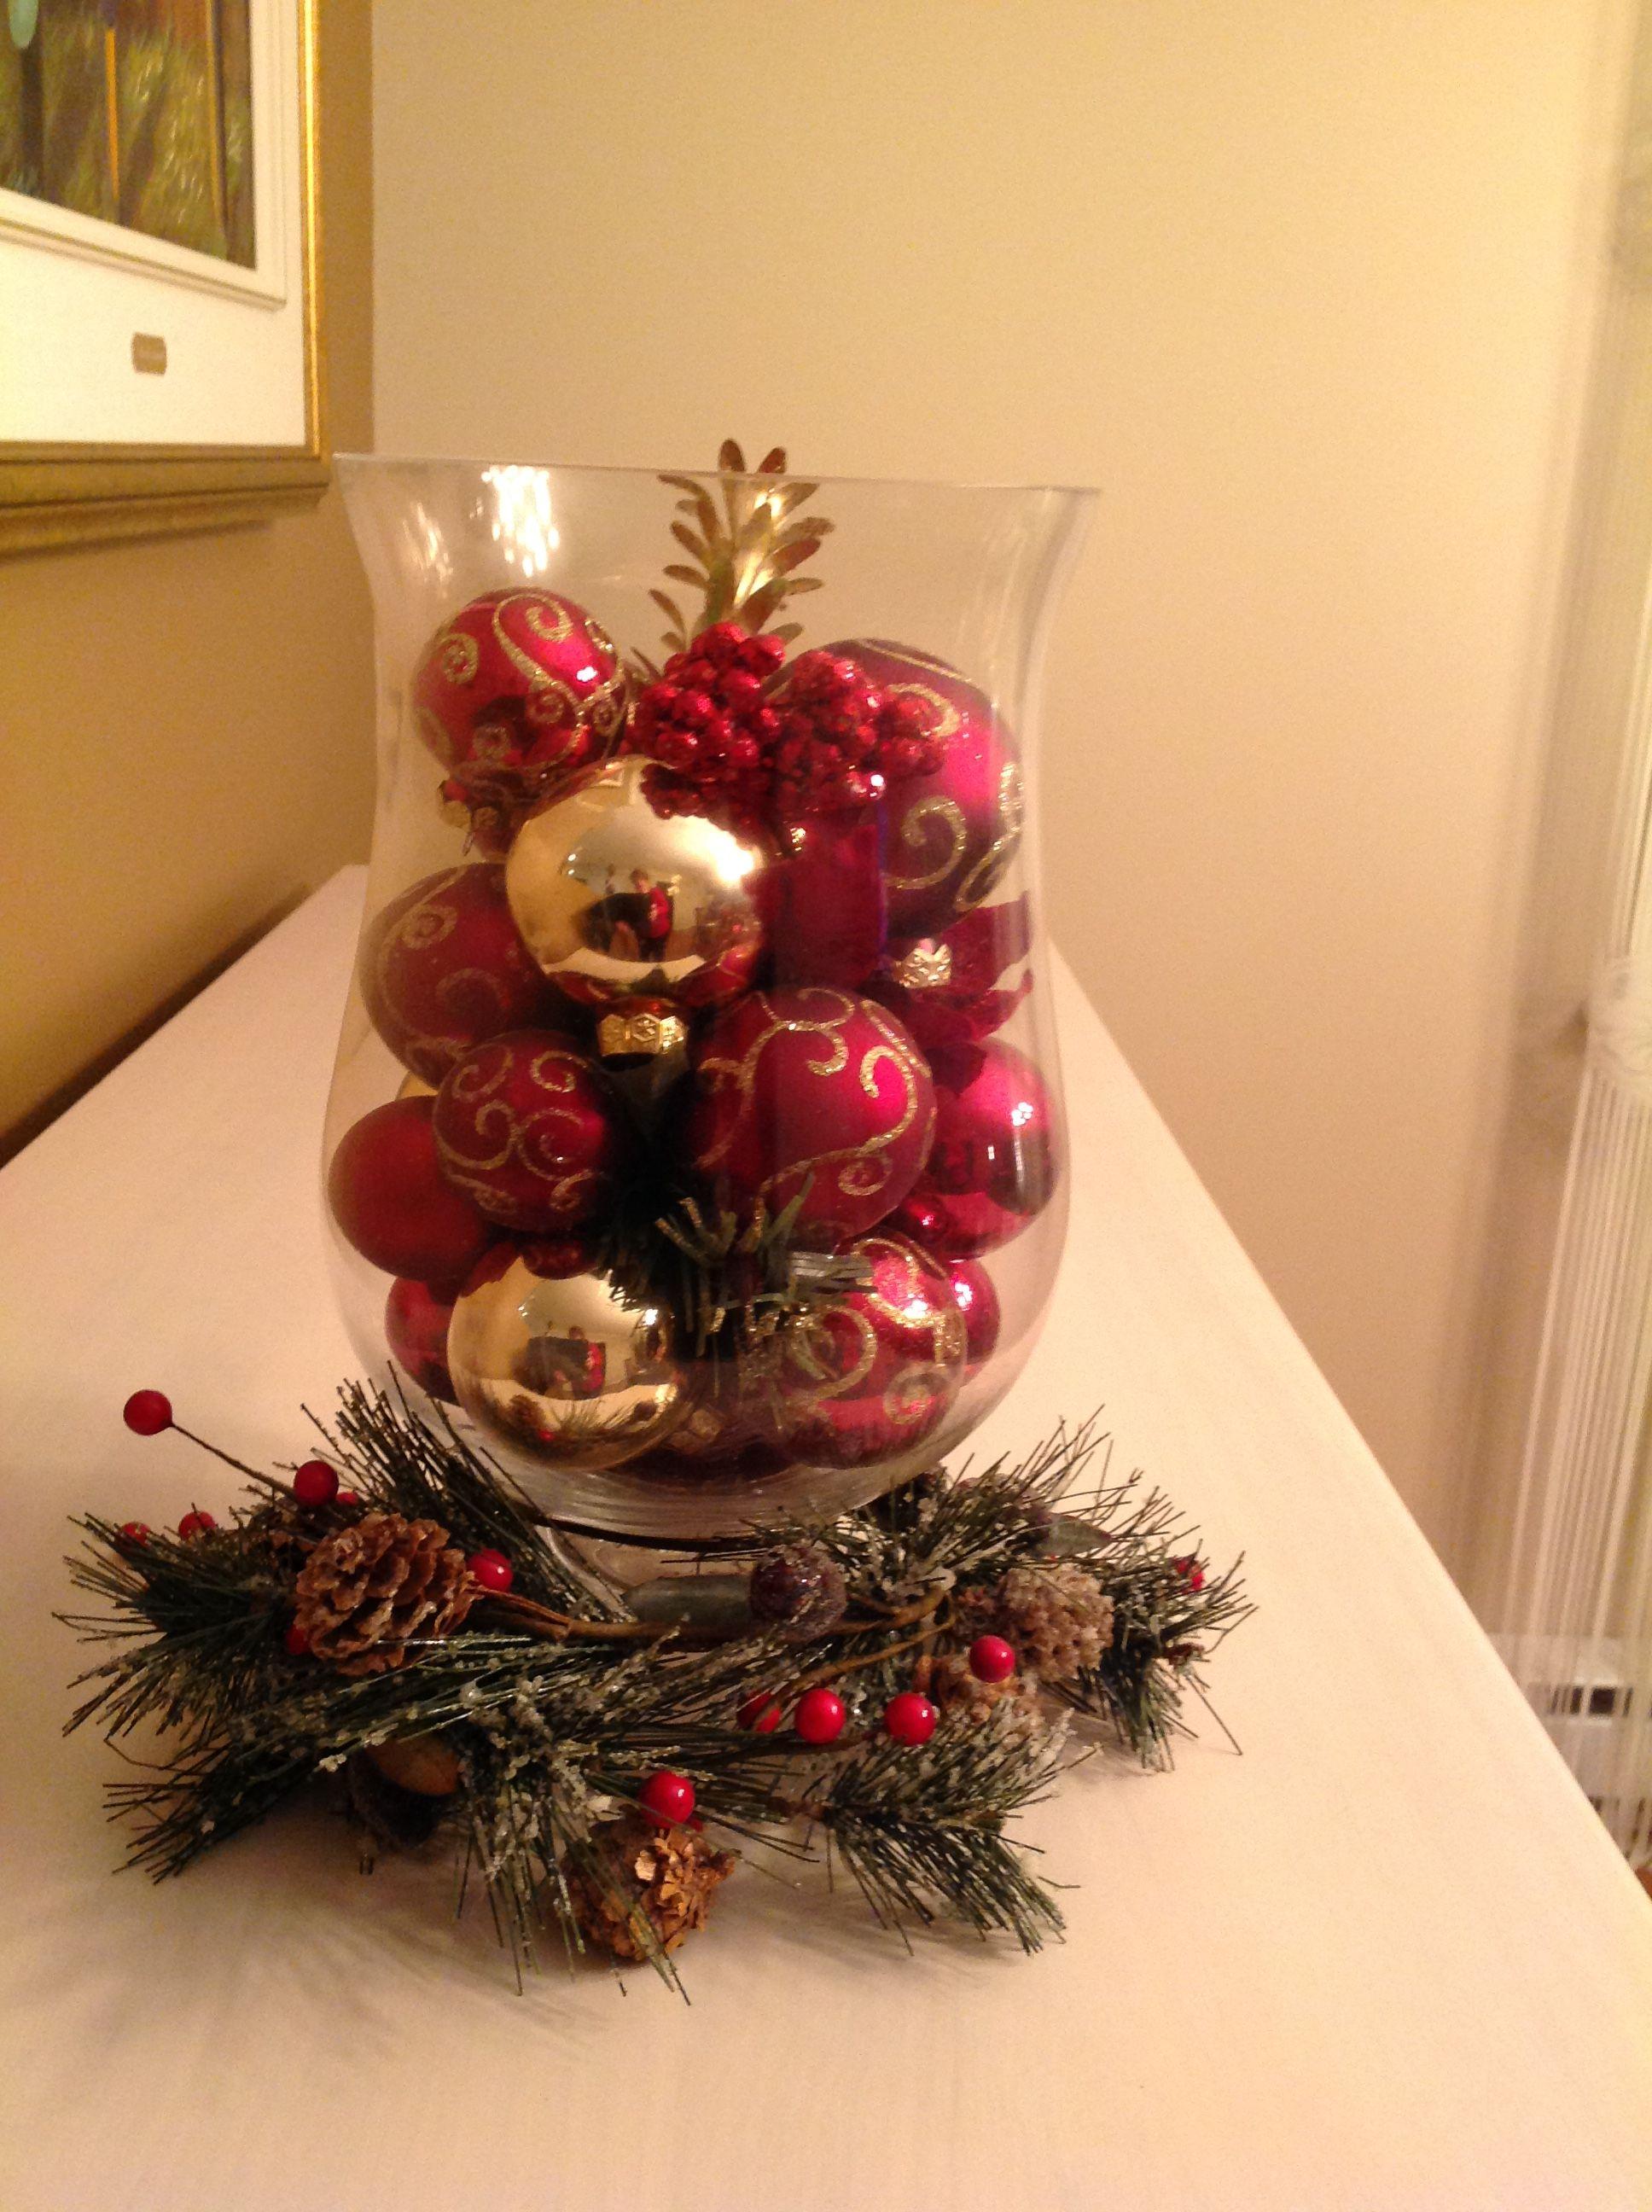 Une décoration de Noël toute simple Christmas wonderland